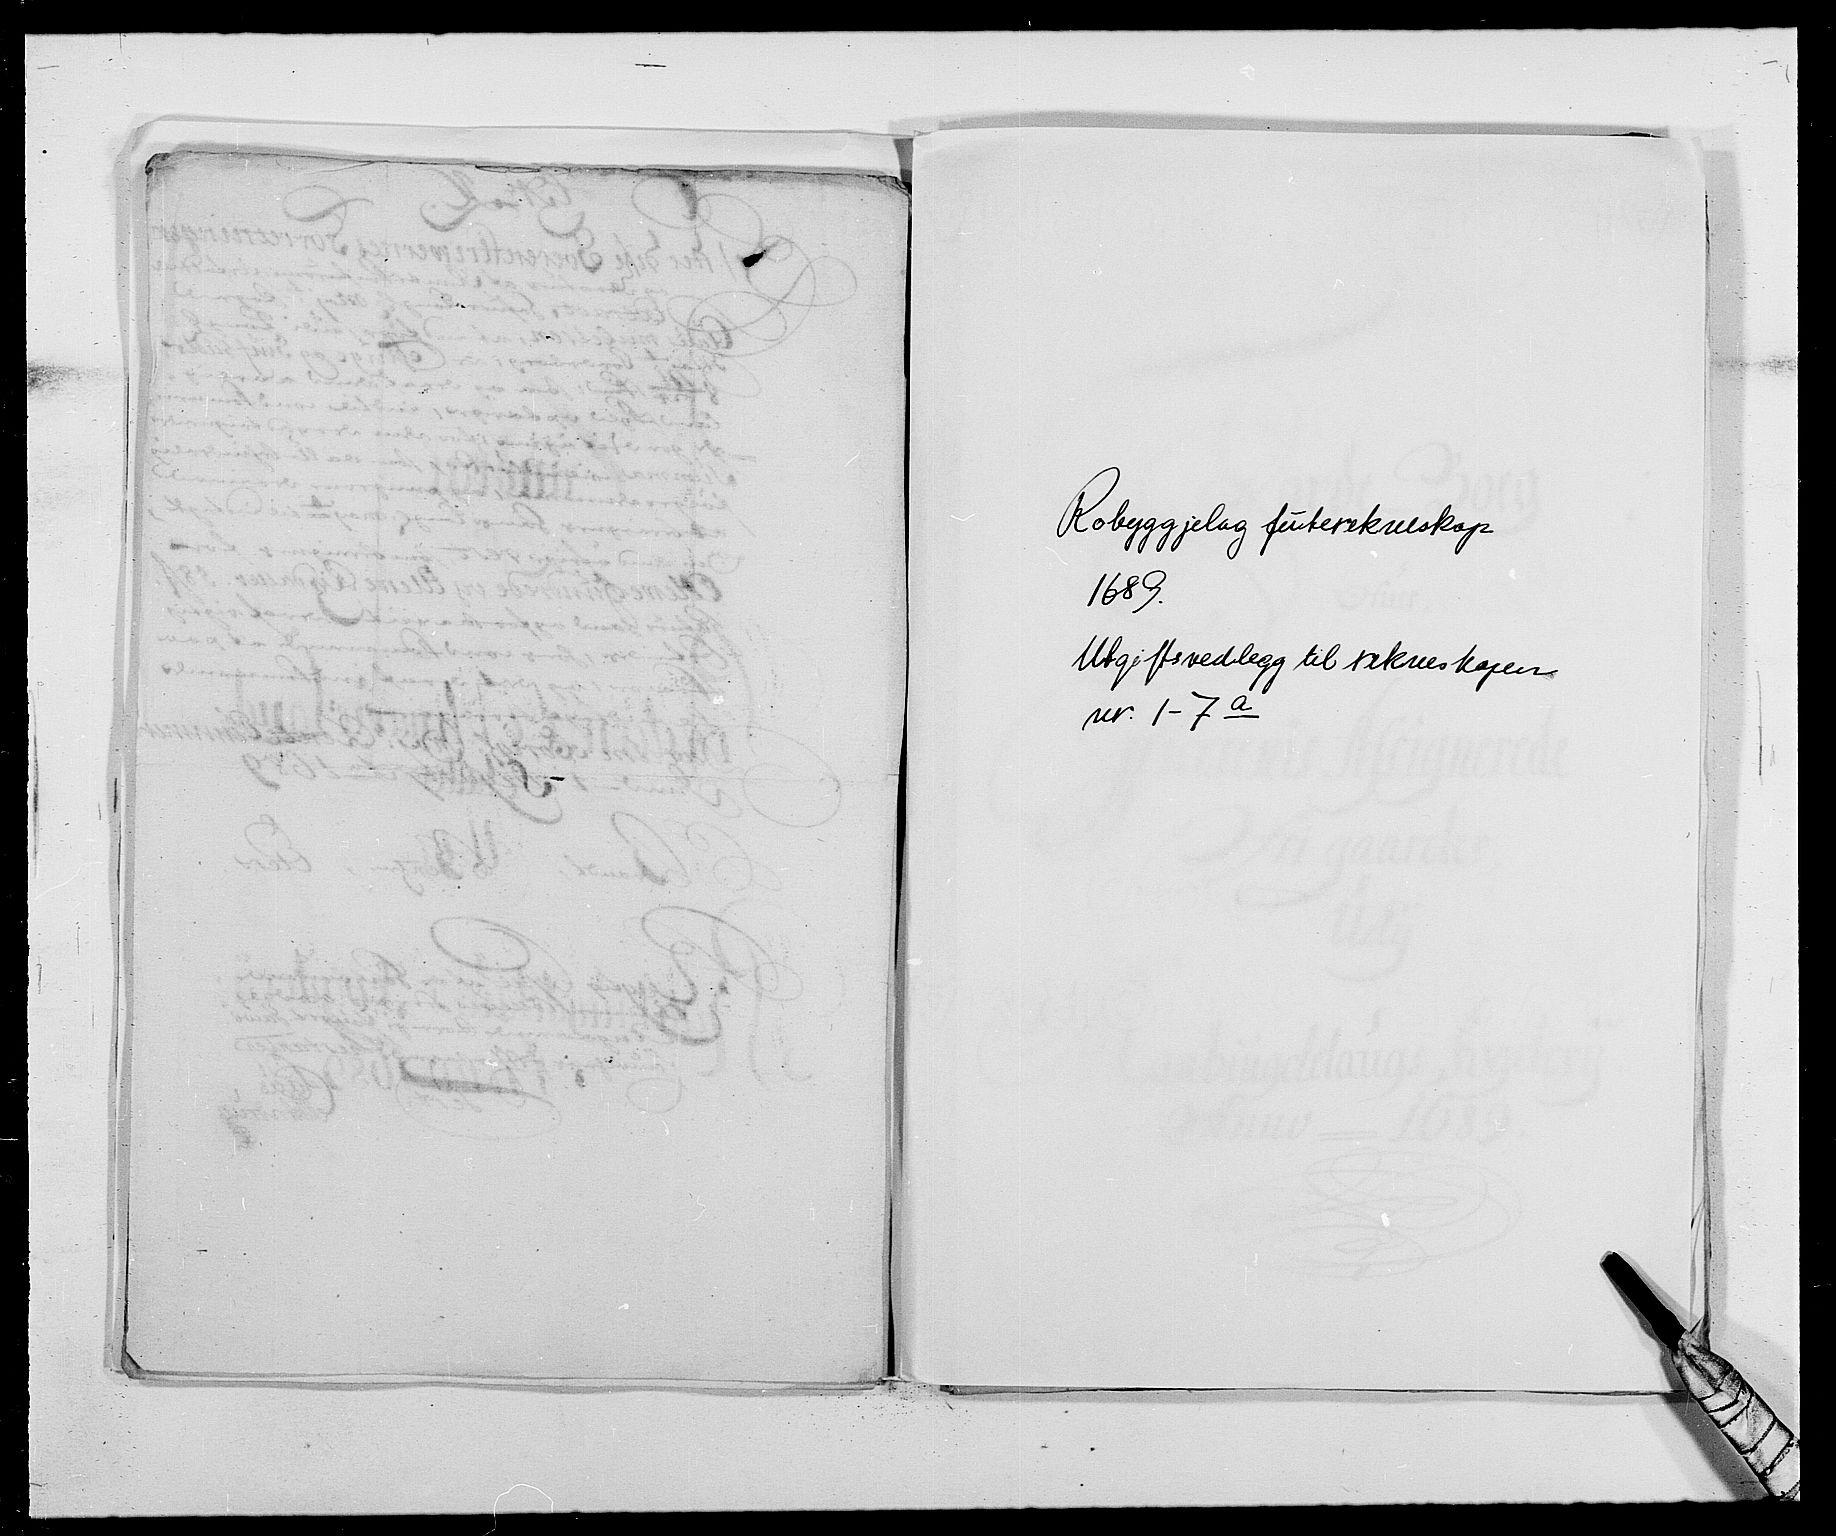 RA, Rentekammeret inntil 1814, Reviderte regnskaper, Fogderegnskap, R40/L2442: Fogderegnskap Råbyggelag, 1689-1690, s. 95